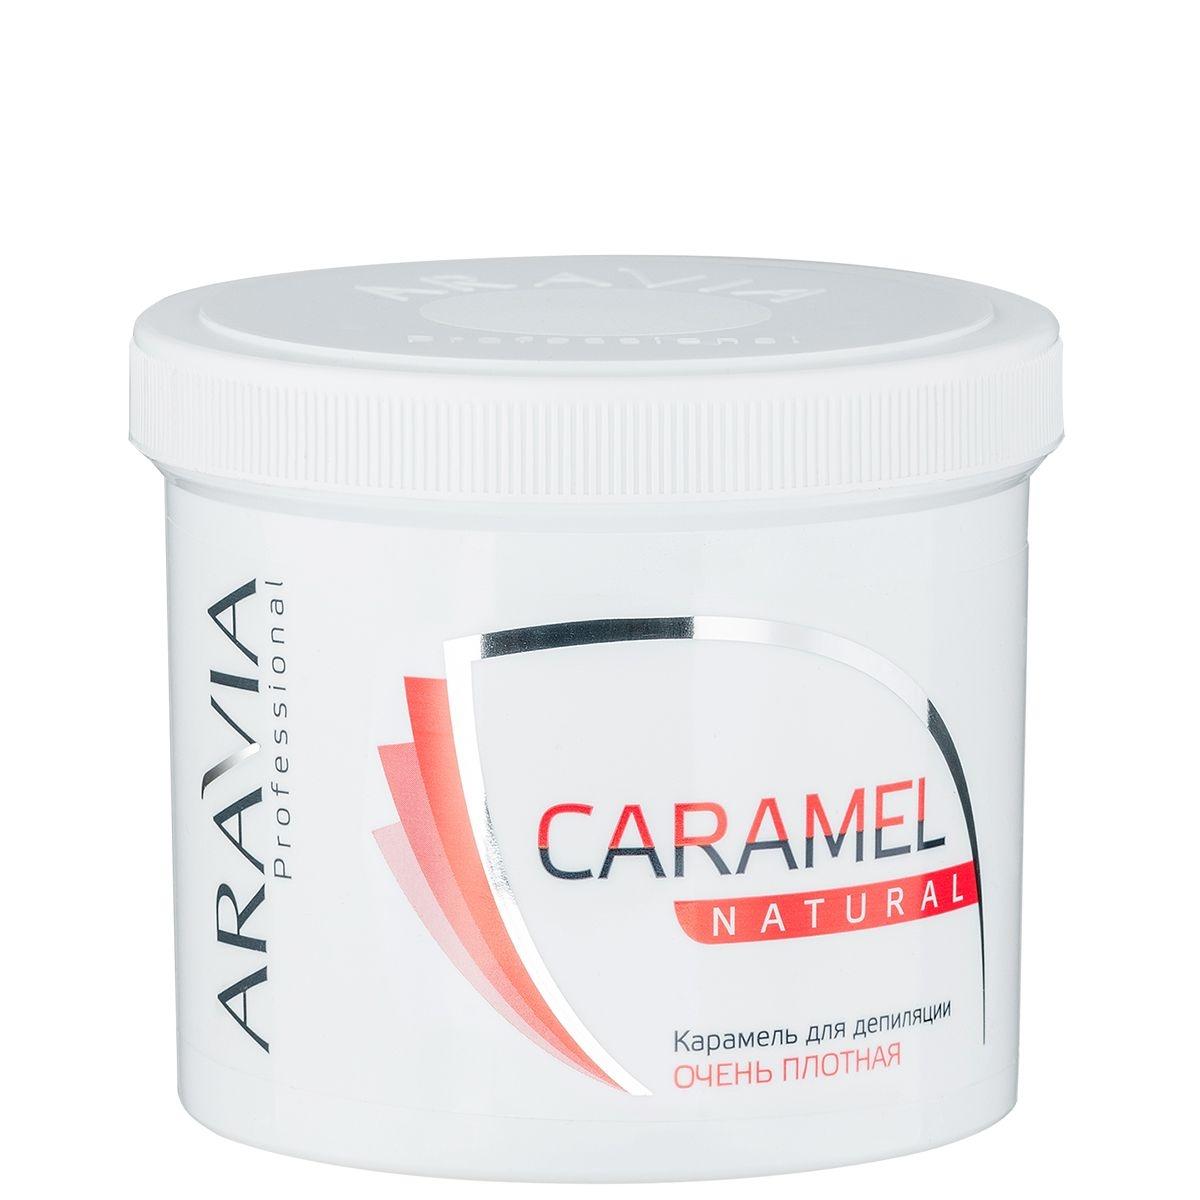 ARAVIA Карамель Caramel Natural для Депиляции Натуральная Очень Плотной Консистенции, 750 гр